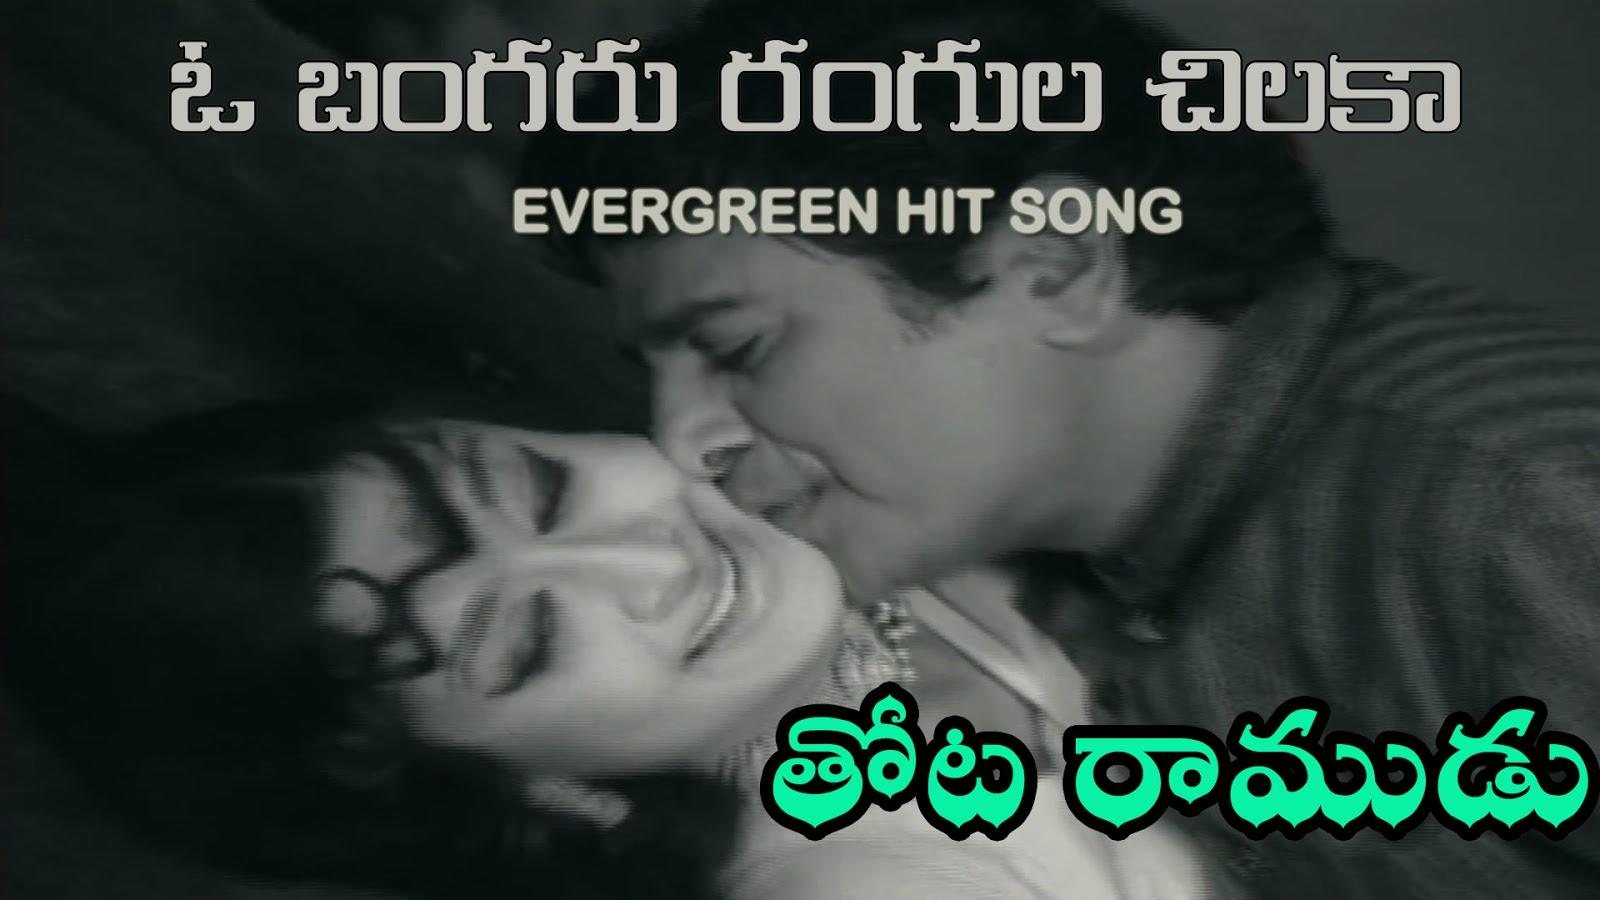 O Bangaru Rangula Chilaka Telugu Song Lyrics - Thota Ramudu